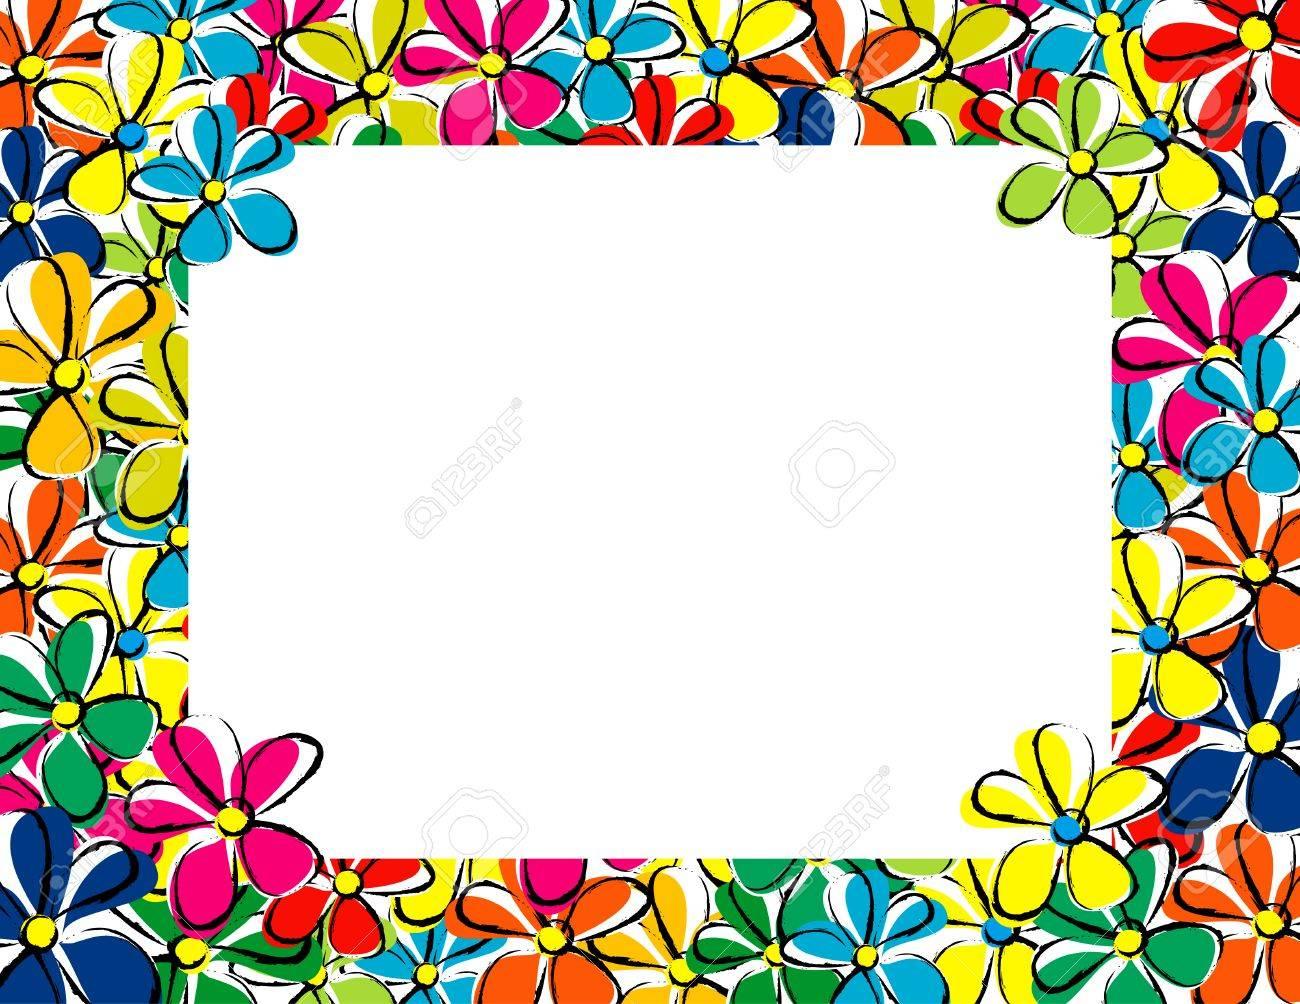 花春フレームのイラスト素材ベクタ Image 6099935